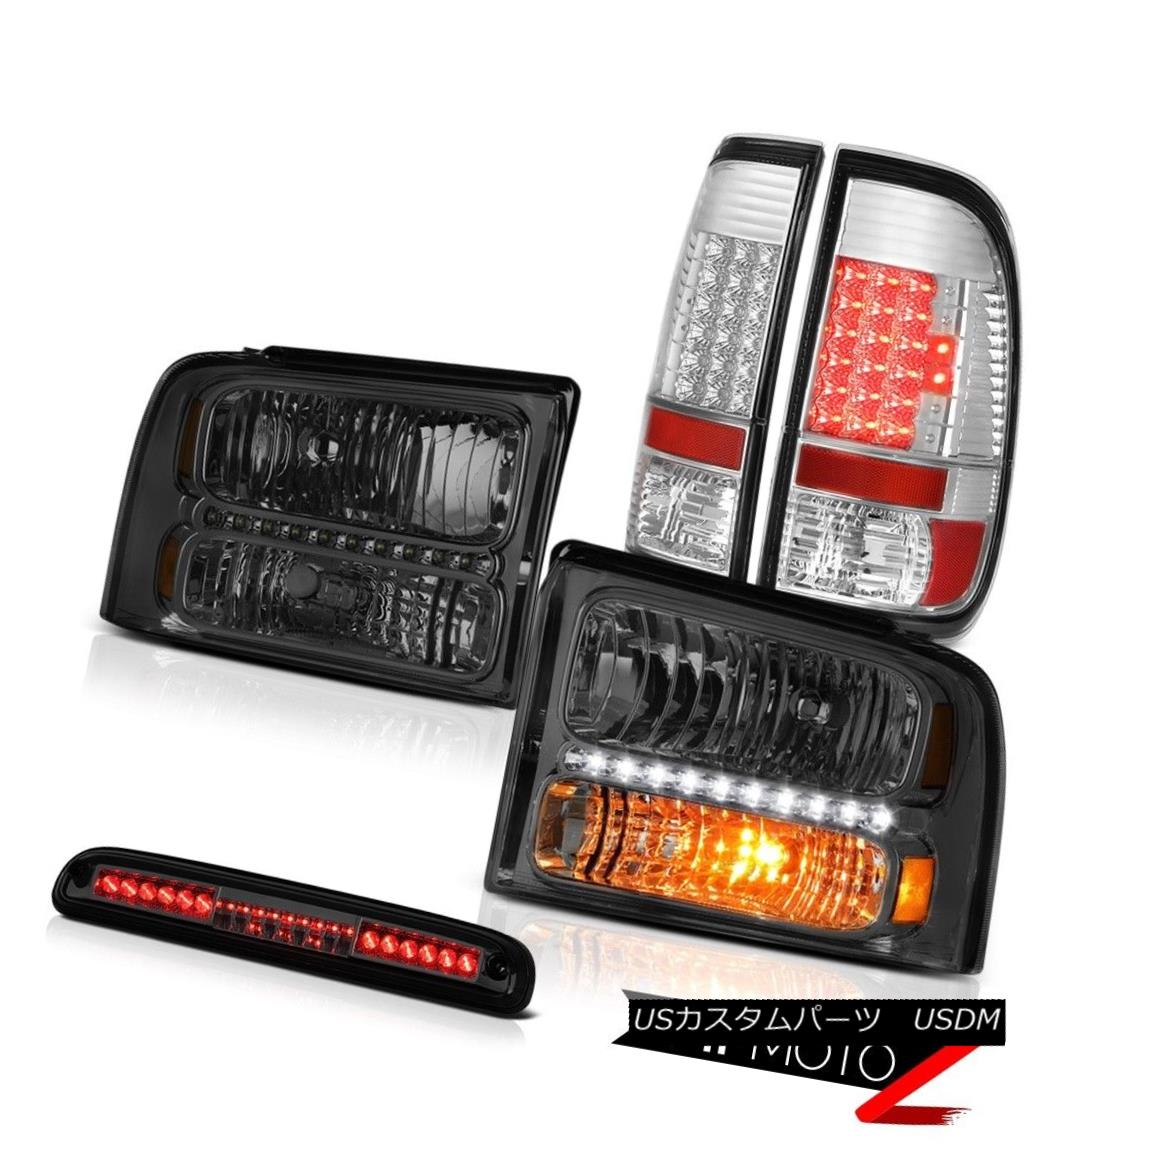 ヘッドライト 2005-2007 F250 Turbo Diesel Pair Smoke Headlamps LED Tail Lights 3rd Brake Tint 2005-2007 F250ターボディーゼルペア煙ヘッドランプLEDテールライト第3ブレーキティント